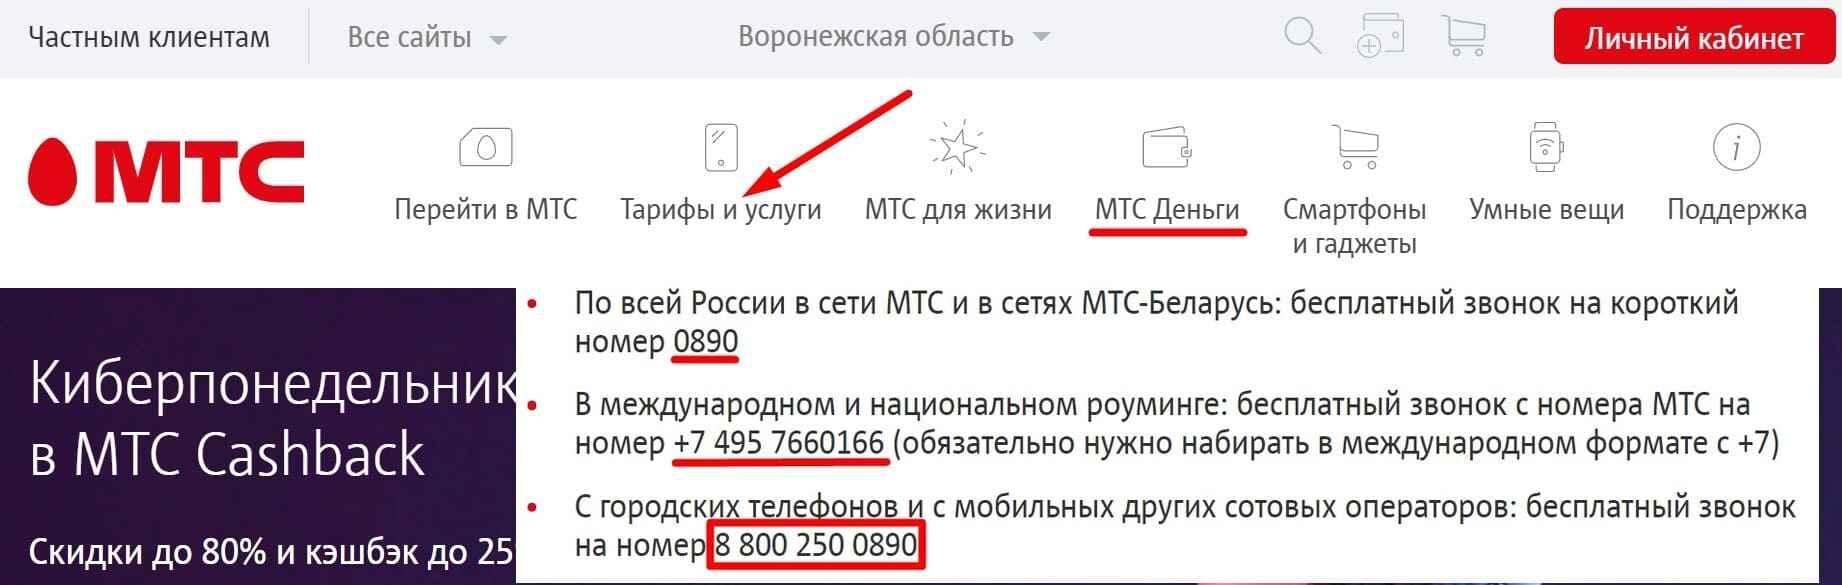 Воронежская область МТС сайт